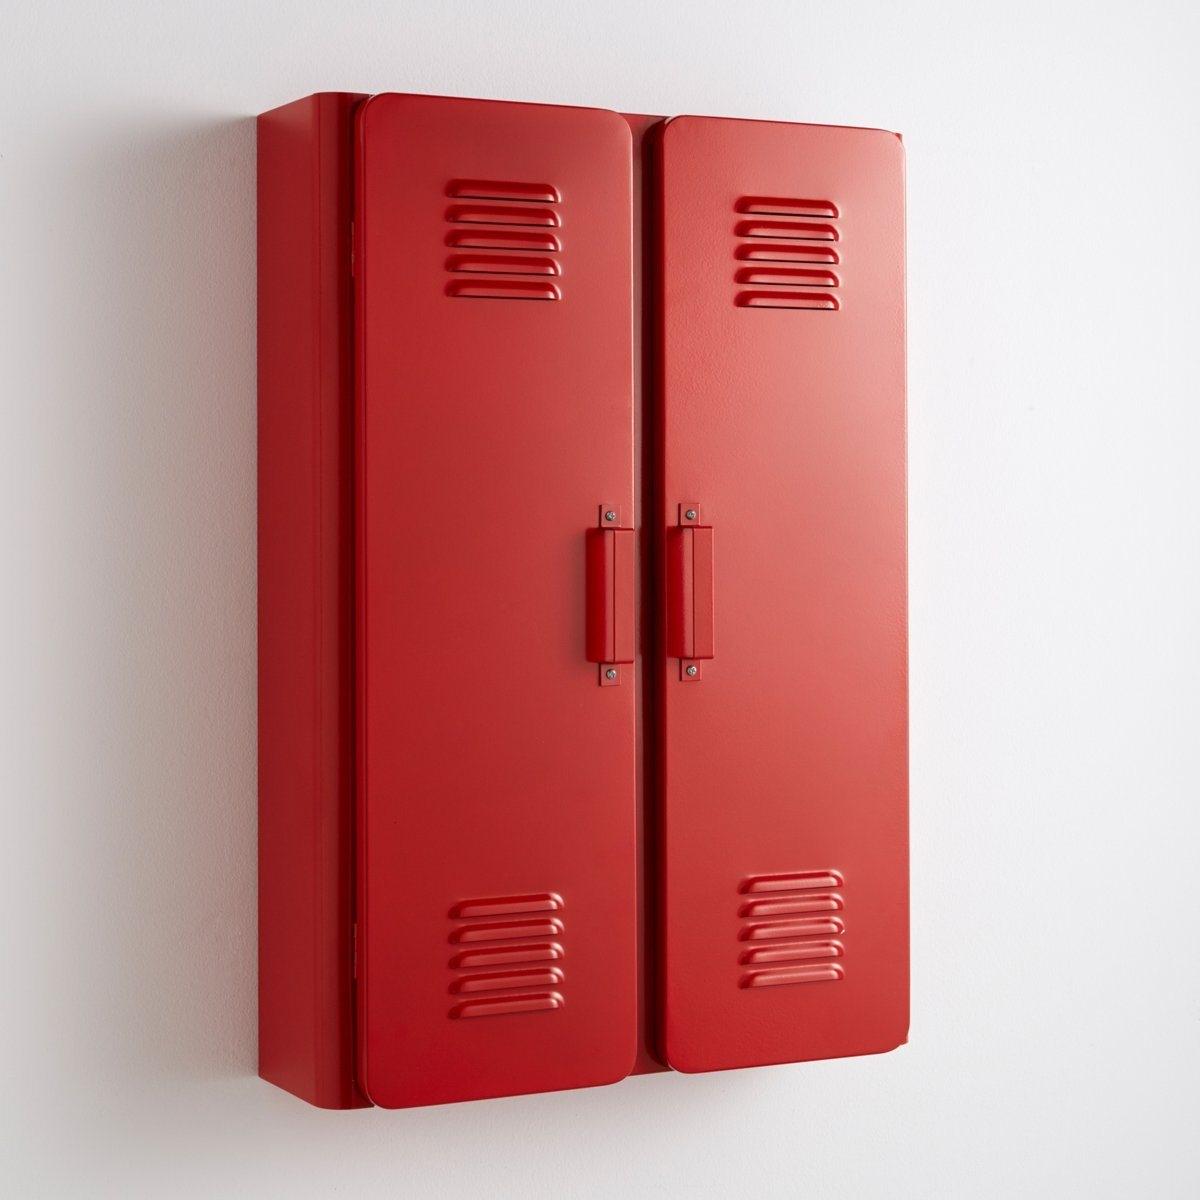 Шкаф для ванной,  HibaЭтот маленький металлический шкаф Hiba, выполнен в индустриальном стиле . Прекрасное дополнение к основной мебели, этот шкаф будет полезен в ванной, прихожей, детской или даже в рабочем кабинете .Описание маленького шкафа Hiba :2 дверцы с декоративными щелями .2 внутренние полки .Характеристики маленького шкафа Hiba :Из металла с эпоксидным покрытием .Металлические ручки .Найдите всю коллекцию Hiba на нашем сайте ..Размеры маленького шкафа Hiba :Общие :Длина : 45 см Высота : 65 смГлубина : 14 смВнутри :Длина : 38 смВысота : 19,7 смГлубина : 10,8 смРазмер и вес с упаковкой :1 упаковка77 x 51 x 17 см, 8,25 кгДоставка :Шкаф Hiba продается готовым к сборке . Доставка вешалки осуществляется до квартиры !Внимание ! Убедитесь, что посылку возможно доставить на дом, учитывая ее габариты.:.<br><br>Цвет: антрацит,красный,розовый